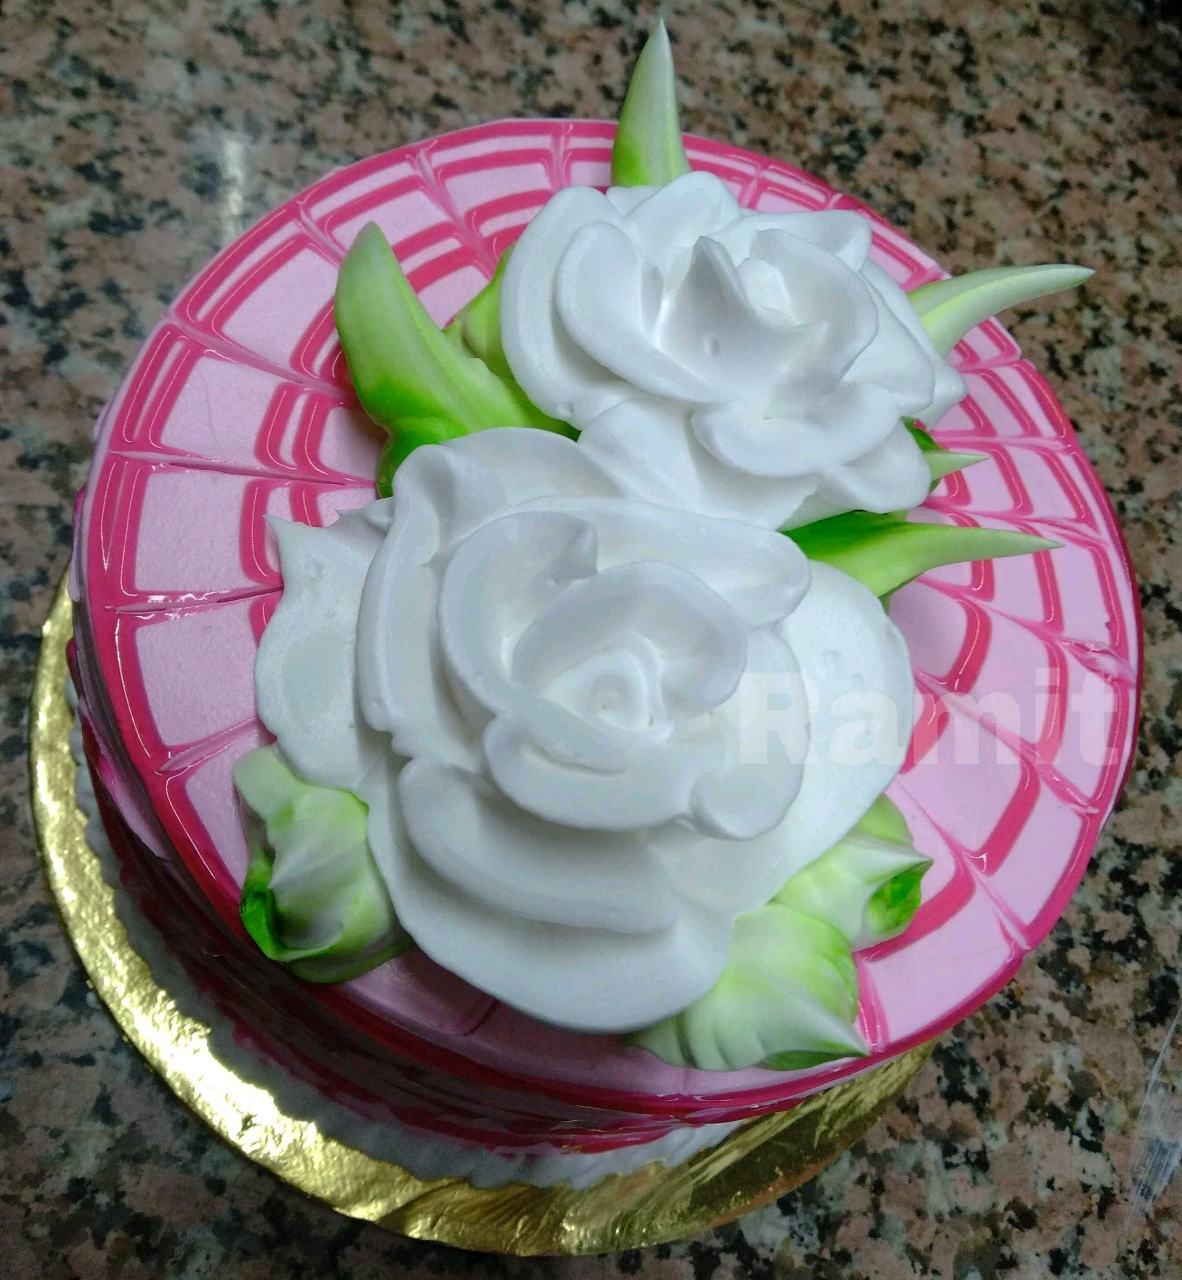 Glazed Strawberry Cake